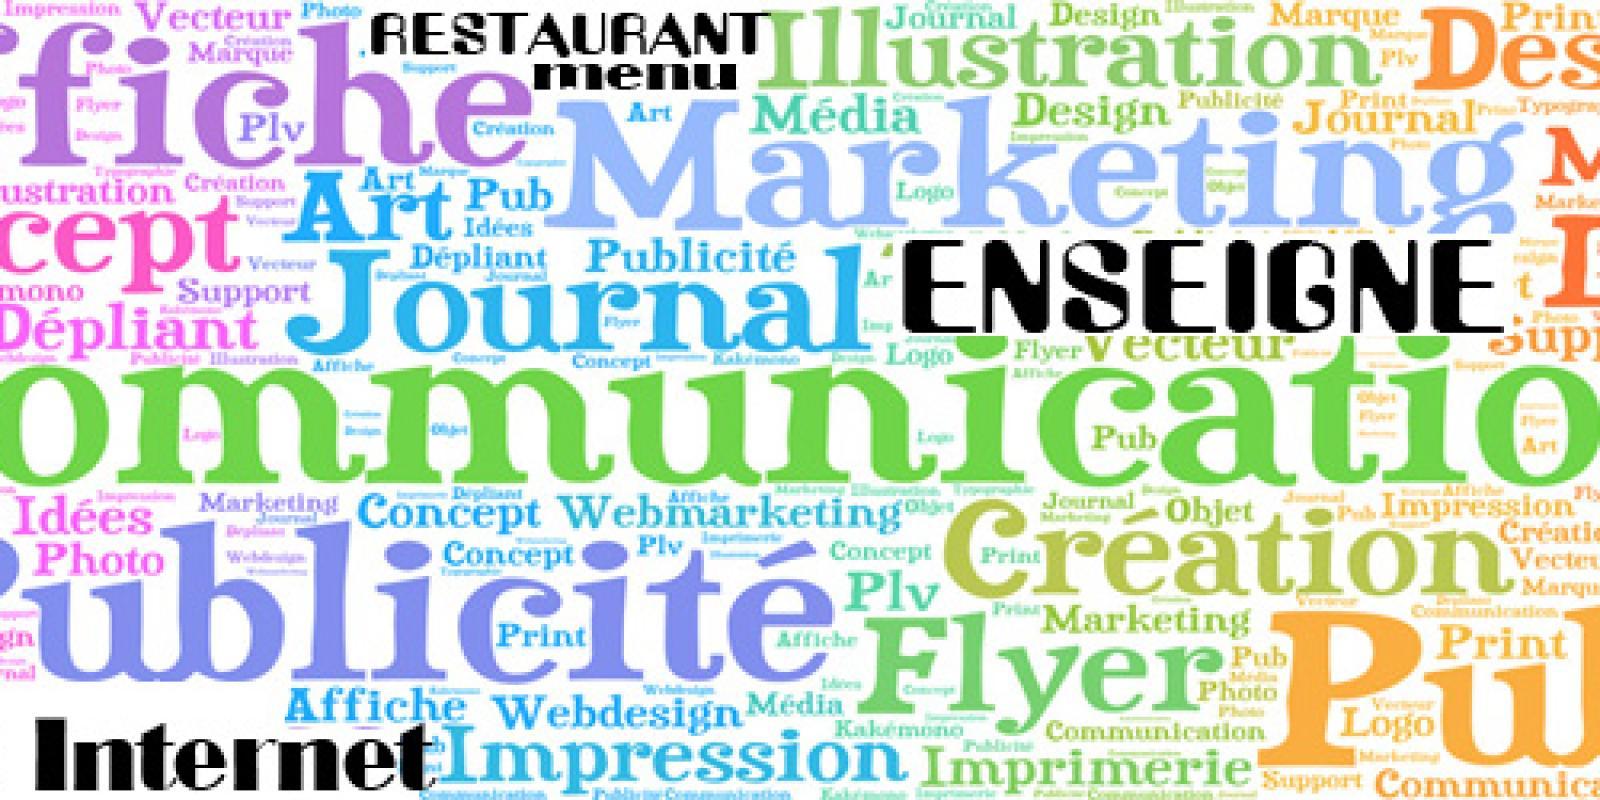 Faire appel à une agence de communication pour améliorer sa visibilité